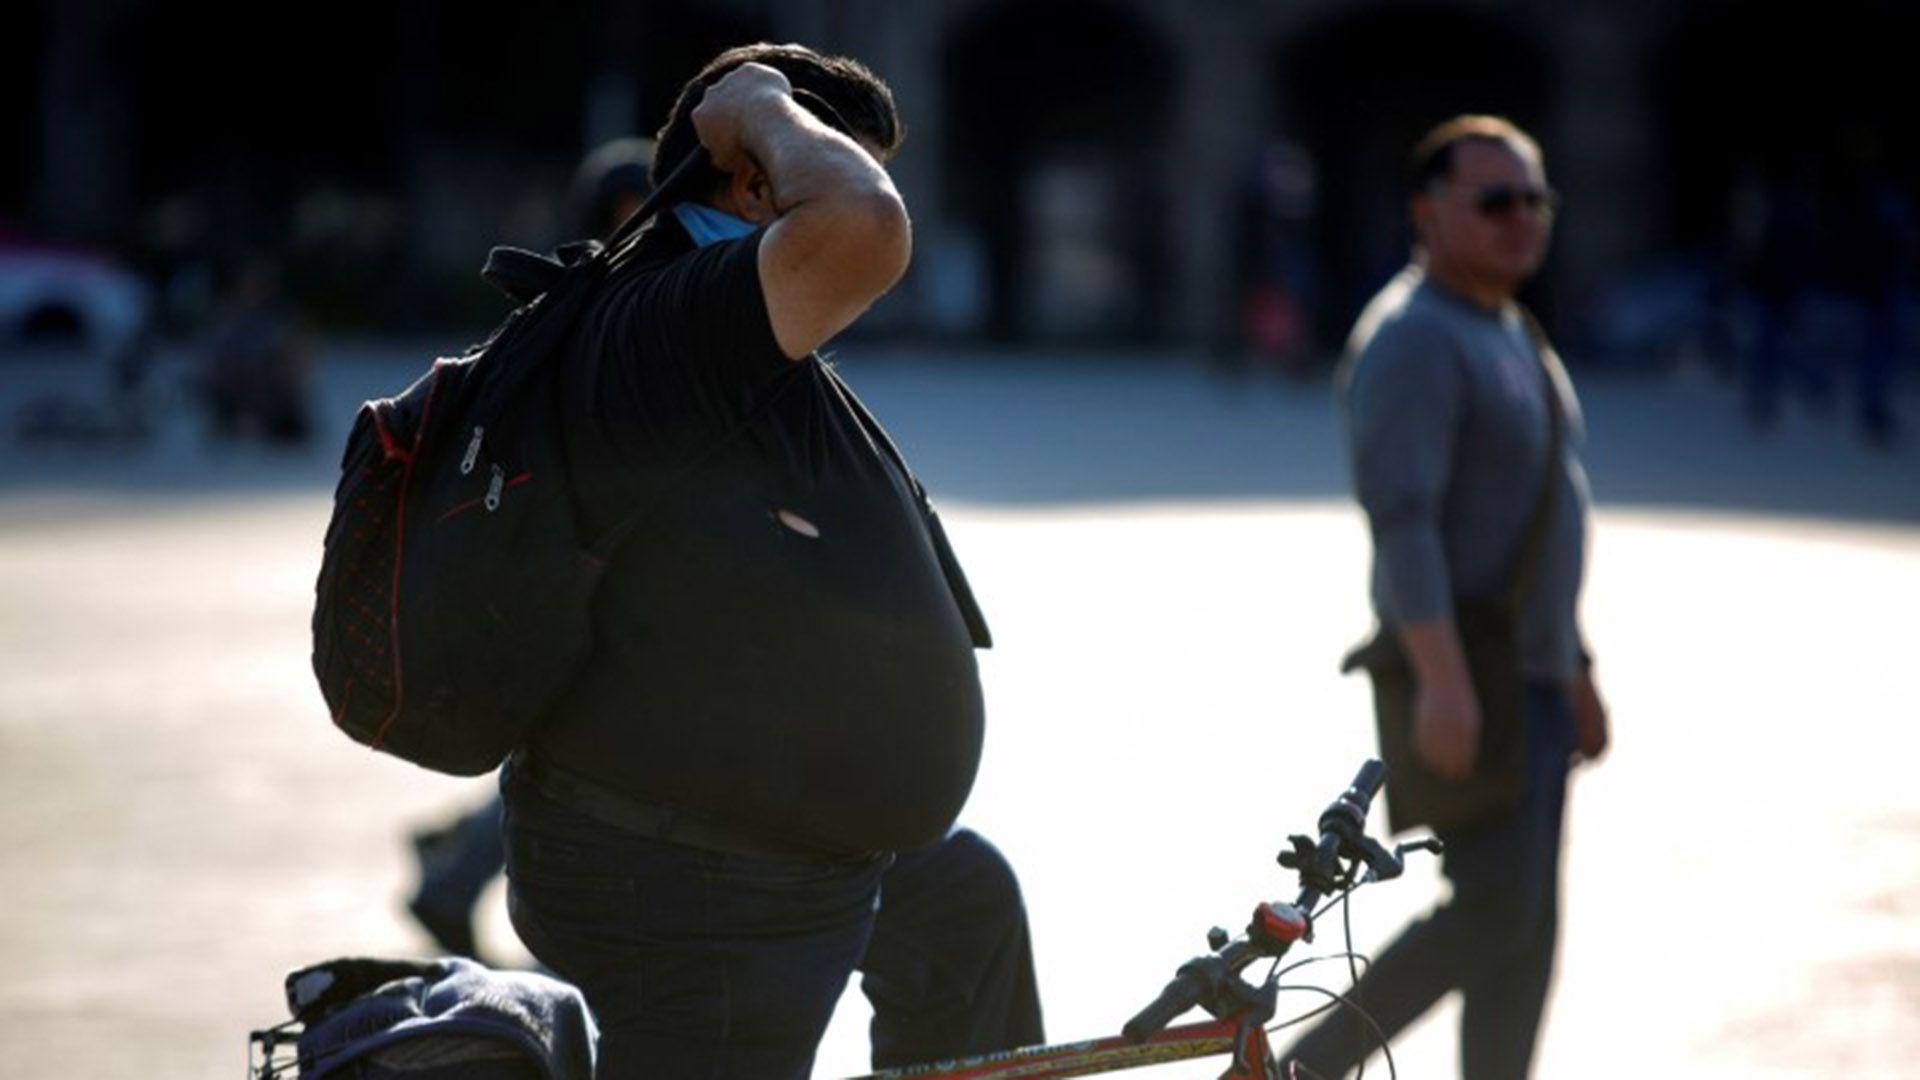 FOTO DE ARCHIVO. Un hombre es fotografiado en una calle de la Ciudad de México mientras México se prepara para el impacto del coronavirus